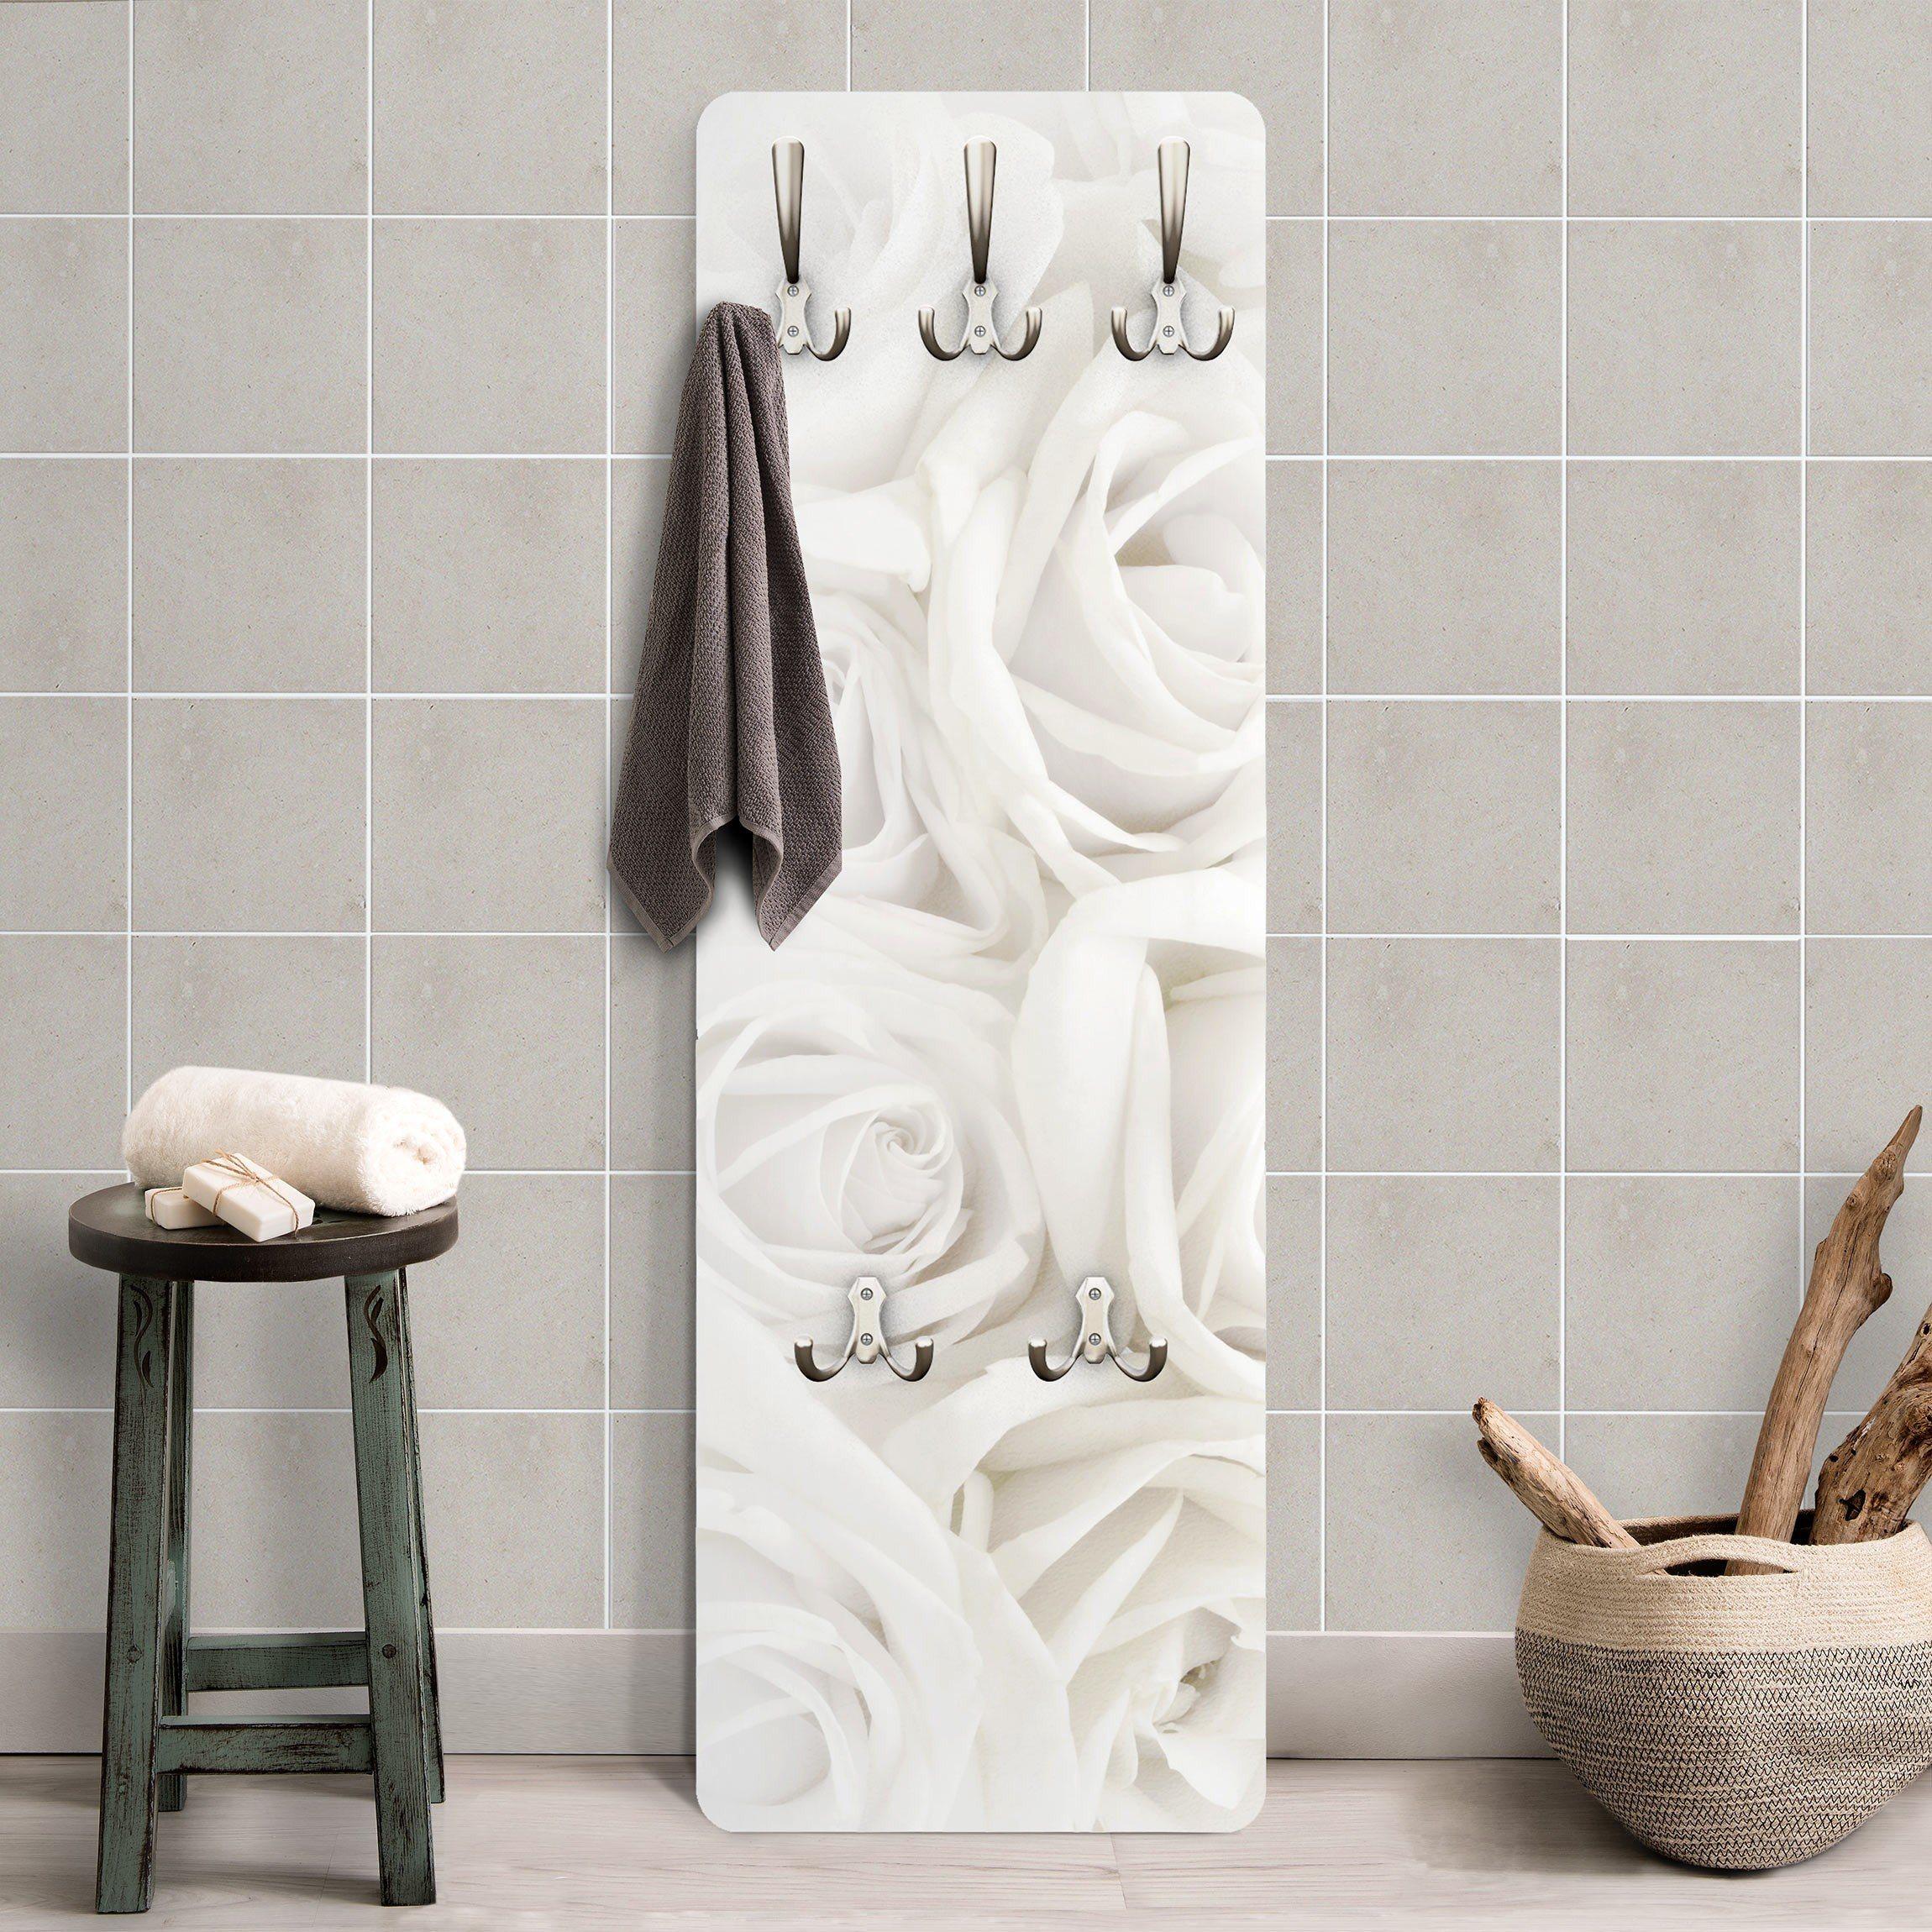 wandgarderobe weiss preisvergleich die besten angebote online kaufen. Black Bedroom Furniture Sets. Home Design Ideas